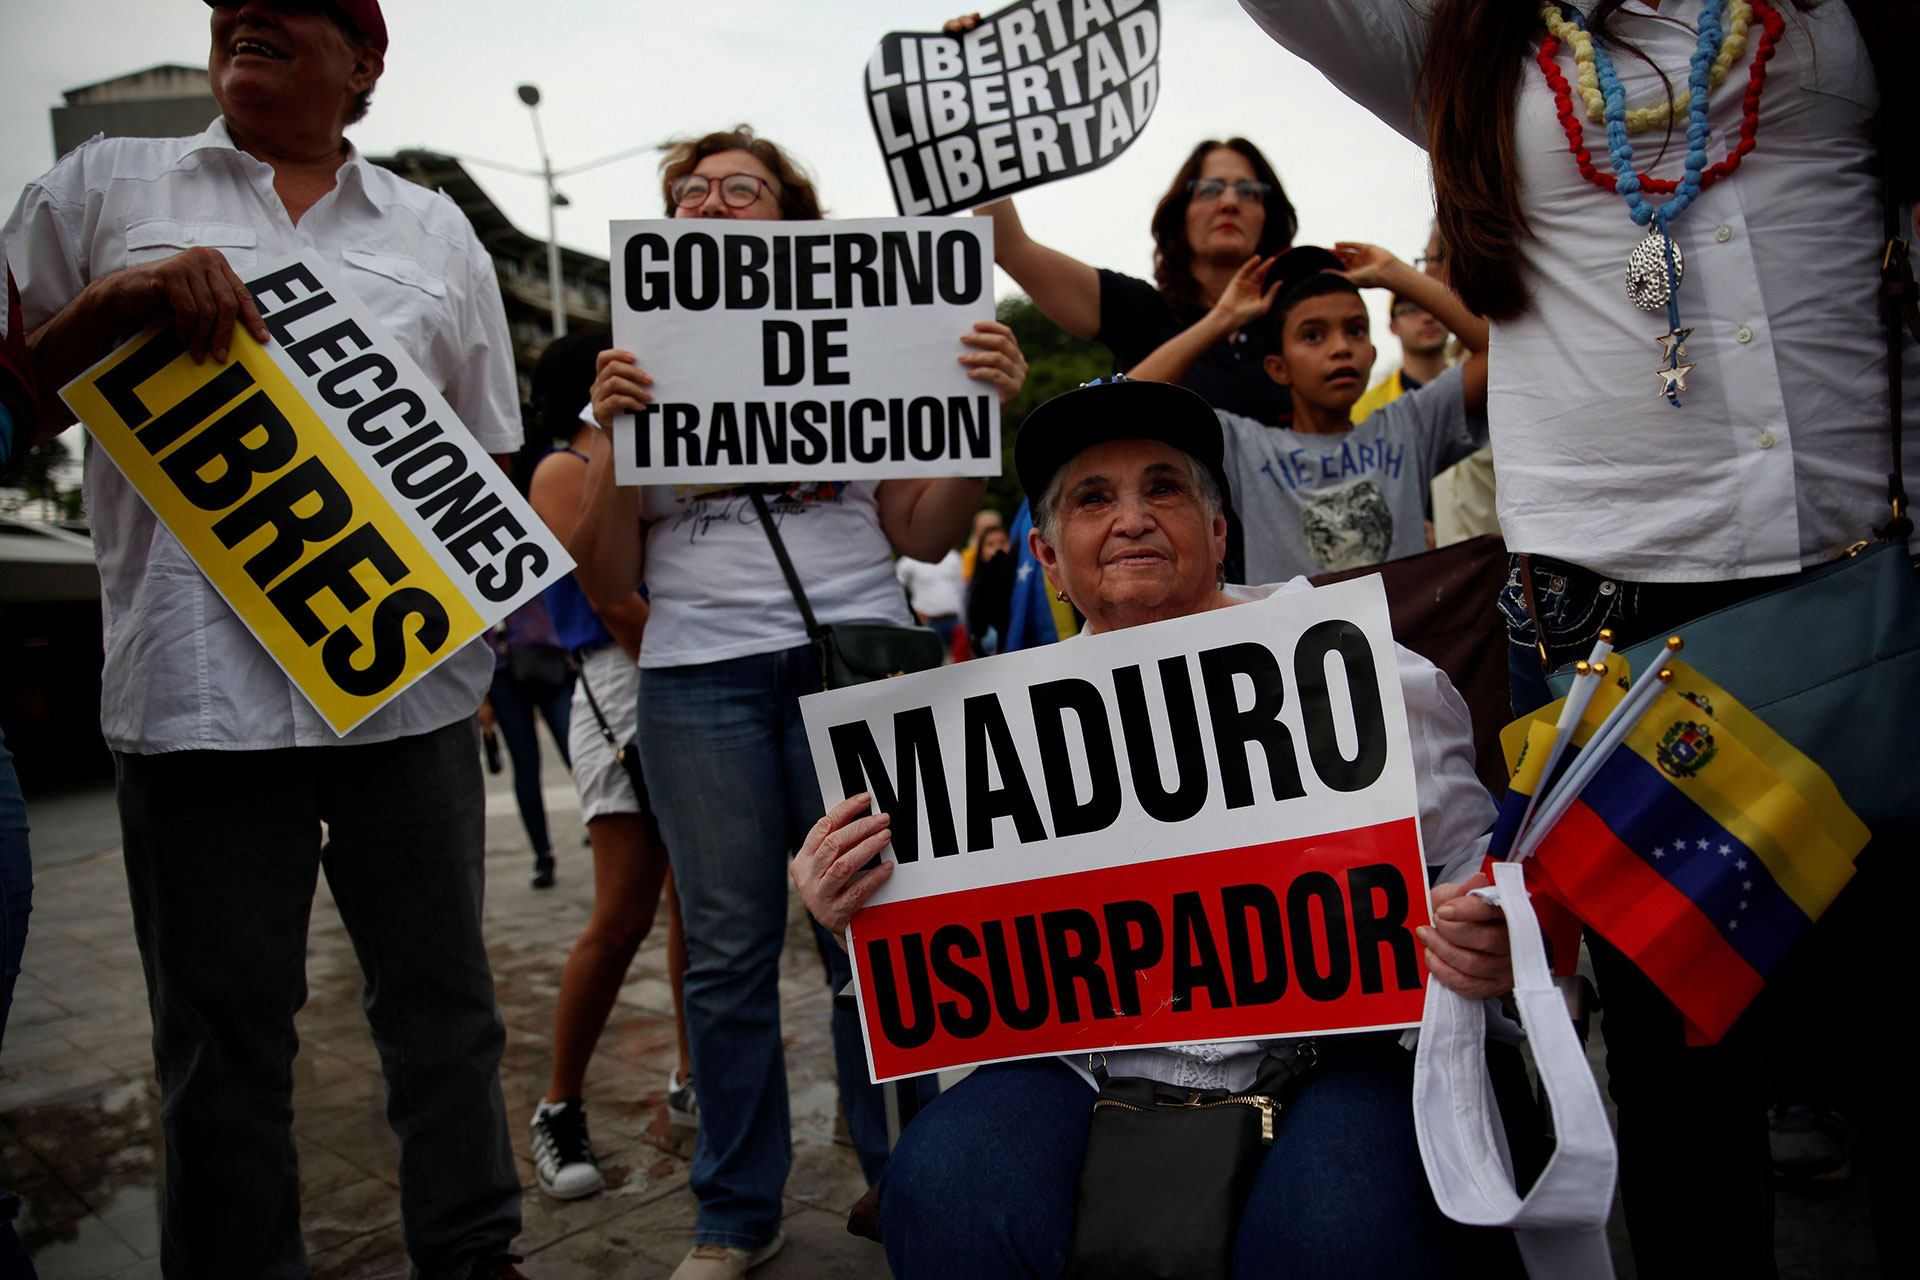 En Ciudad de Panamá, manifestantes declararon su apoyo al levantamiento cívico militar en Venezuela desde el parque Francisco Arias Paredes